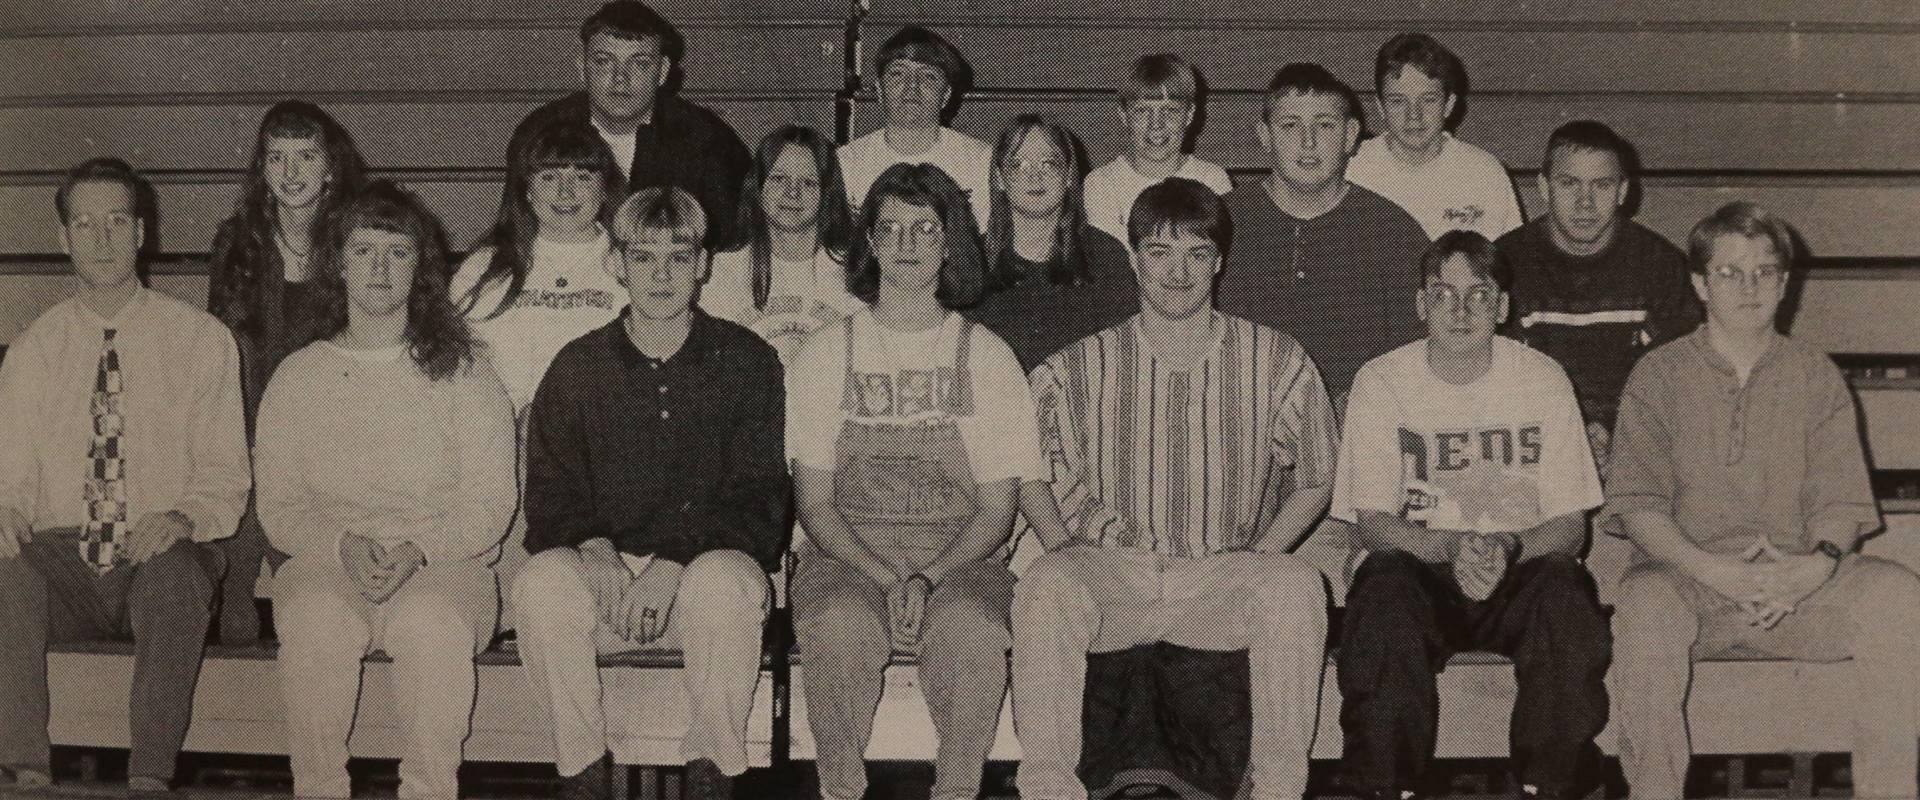 1997 Band